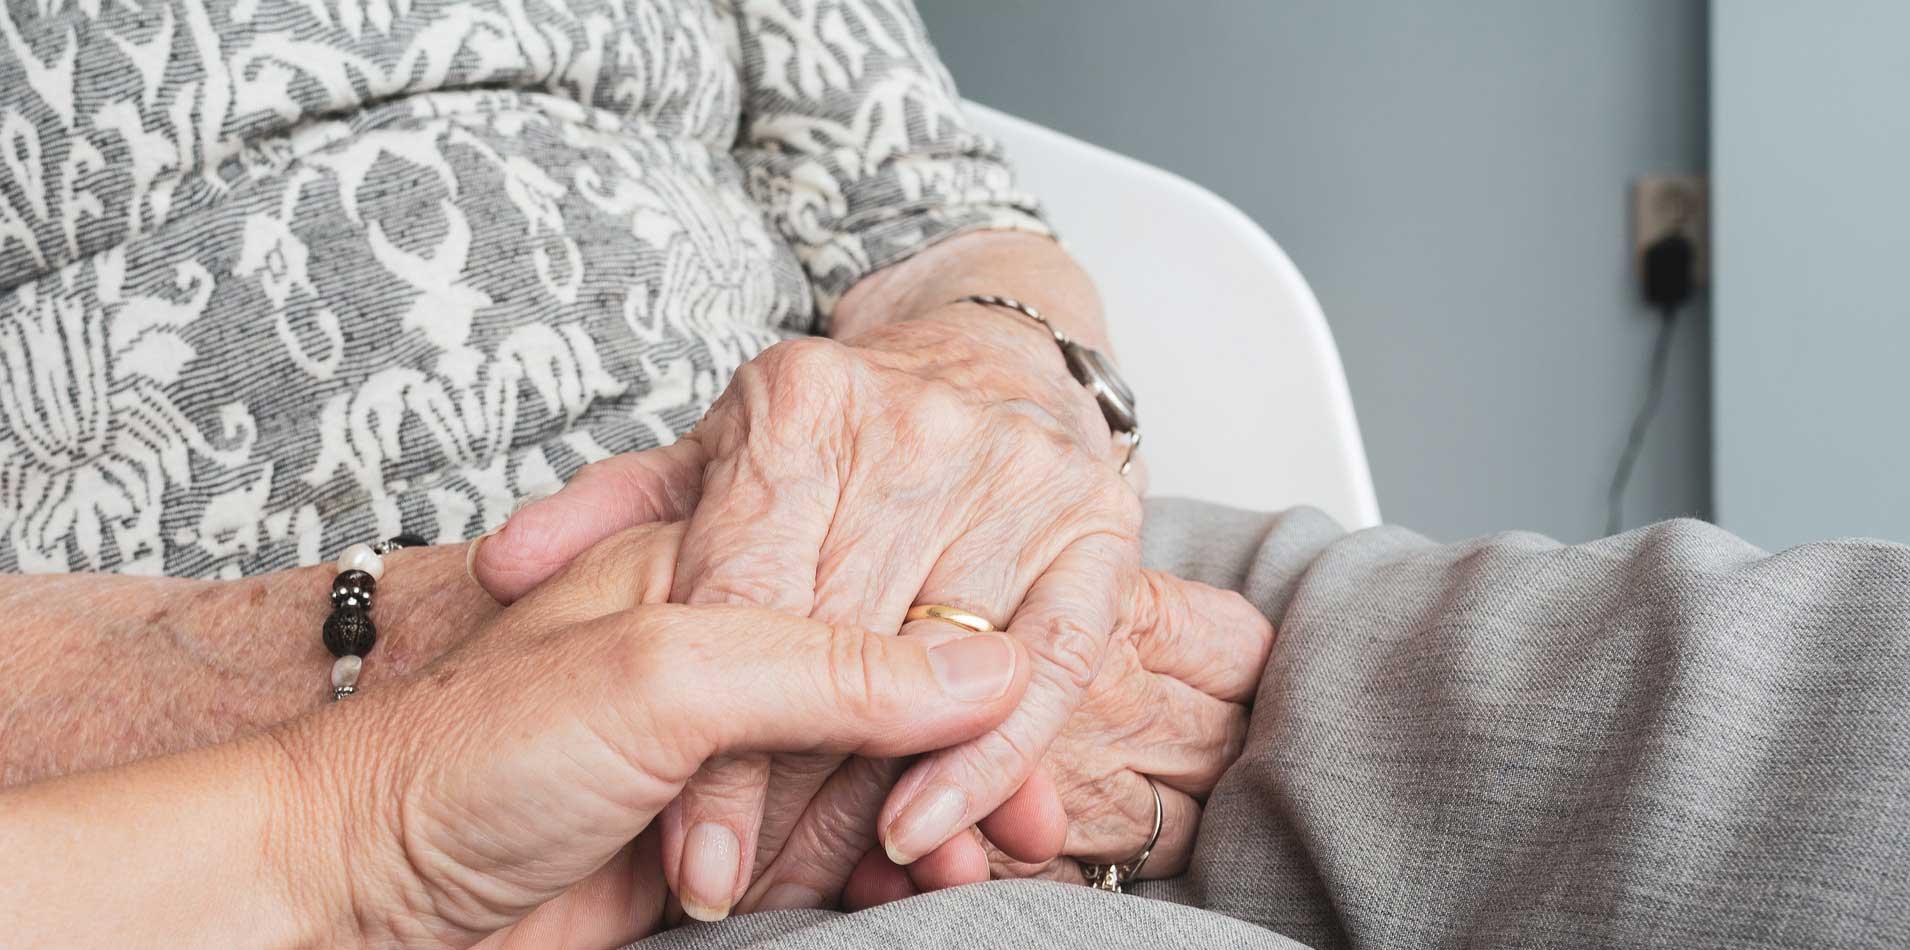 UGT Castilla-La Mancha recuerda que la pensión por jubilación en la región sigue por debajo de la media nacional